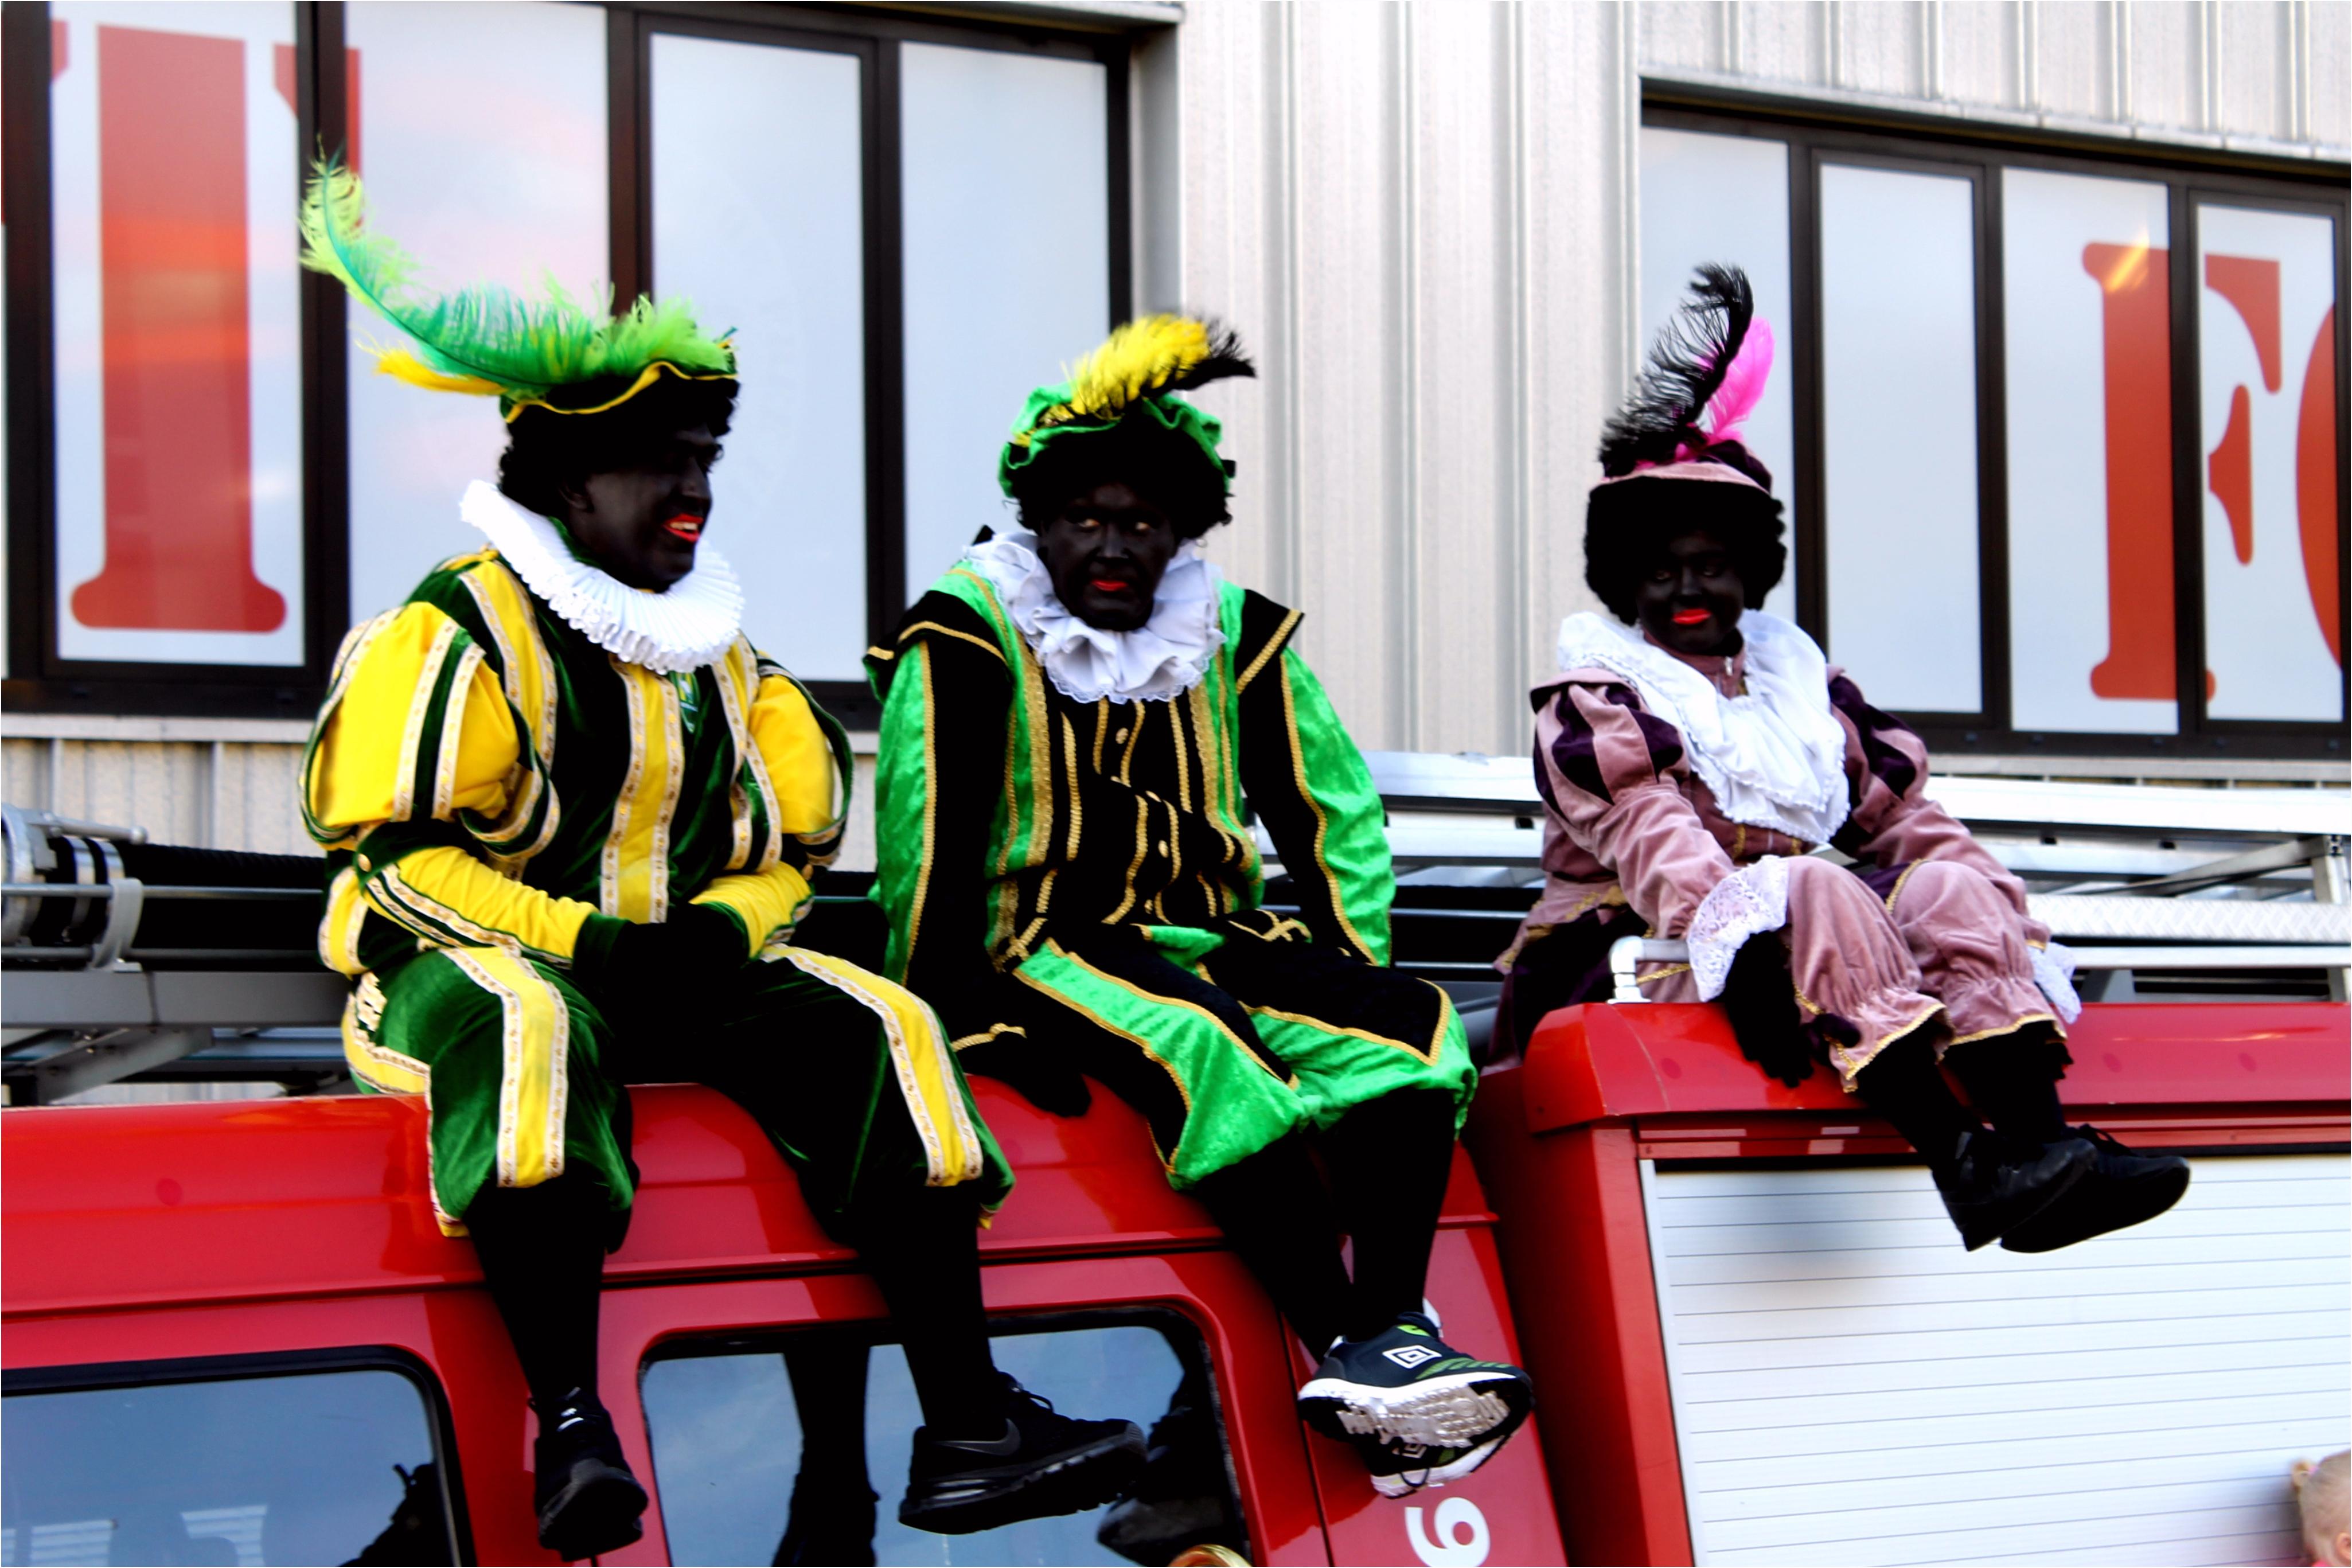 Sinterklaas Kleurplaten Groep 8 Sinterklaas Op Bezoek Bij Jonge Fans In Het Mfc Ado Den Haag J4mb11uxo5 Wmyvu2ykn5